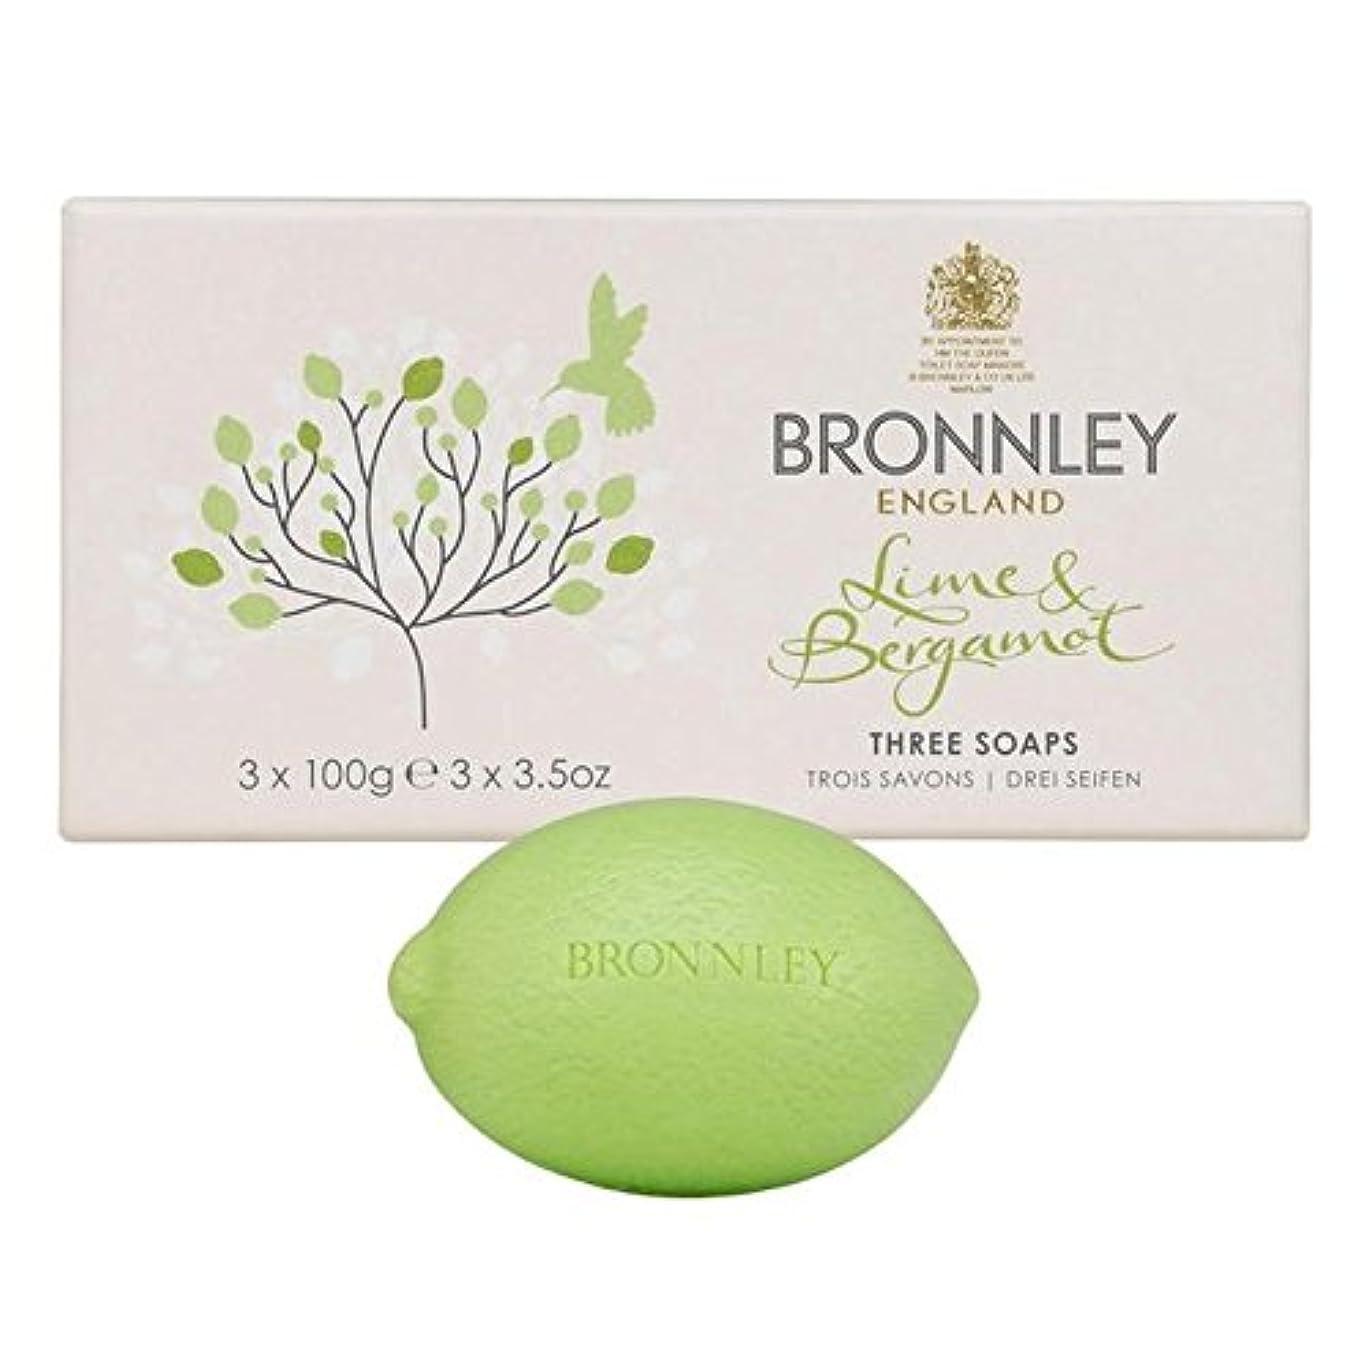 人差し指閉塞同僚ライム&ベルガモット石鹸3×100グラム x2 - Bronnley Lime & Bergamot Soap 3 x 100g (Pack of 2) [並行輸入品]